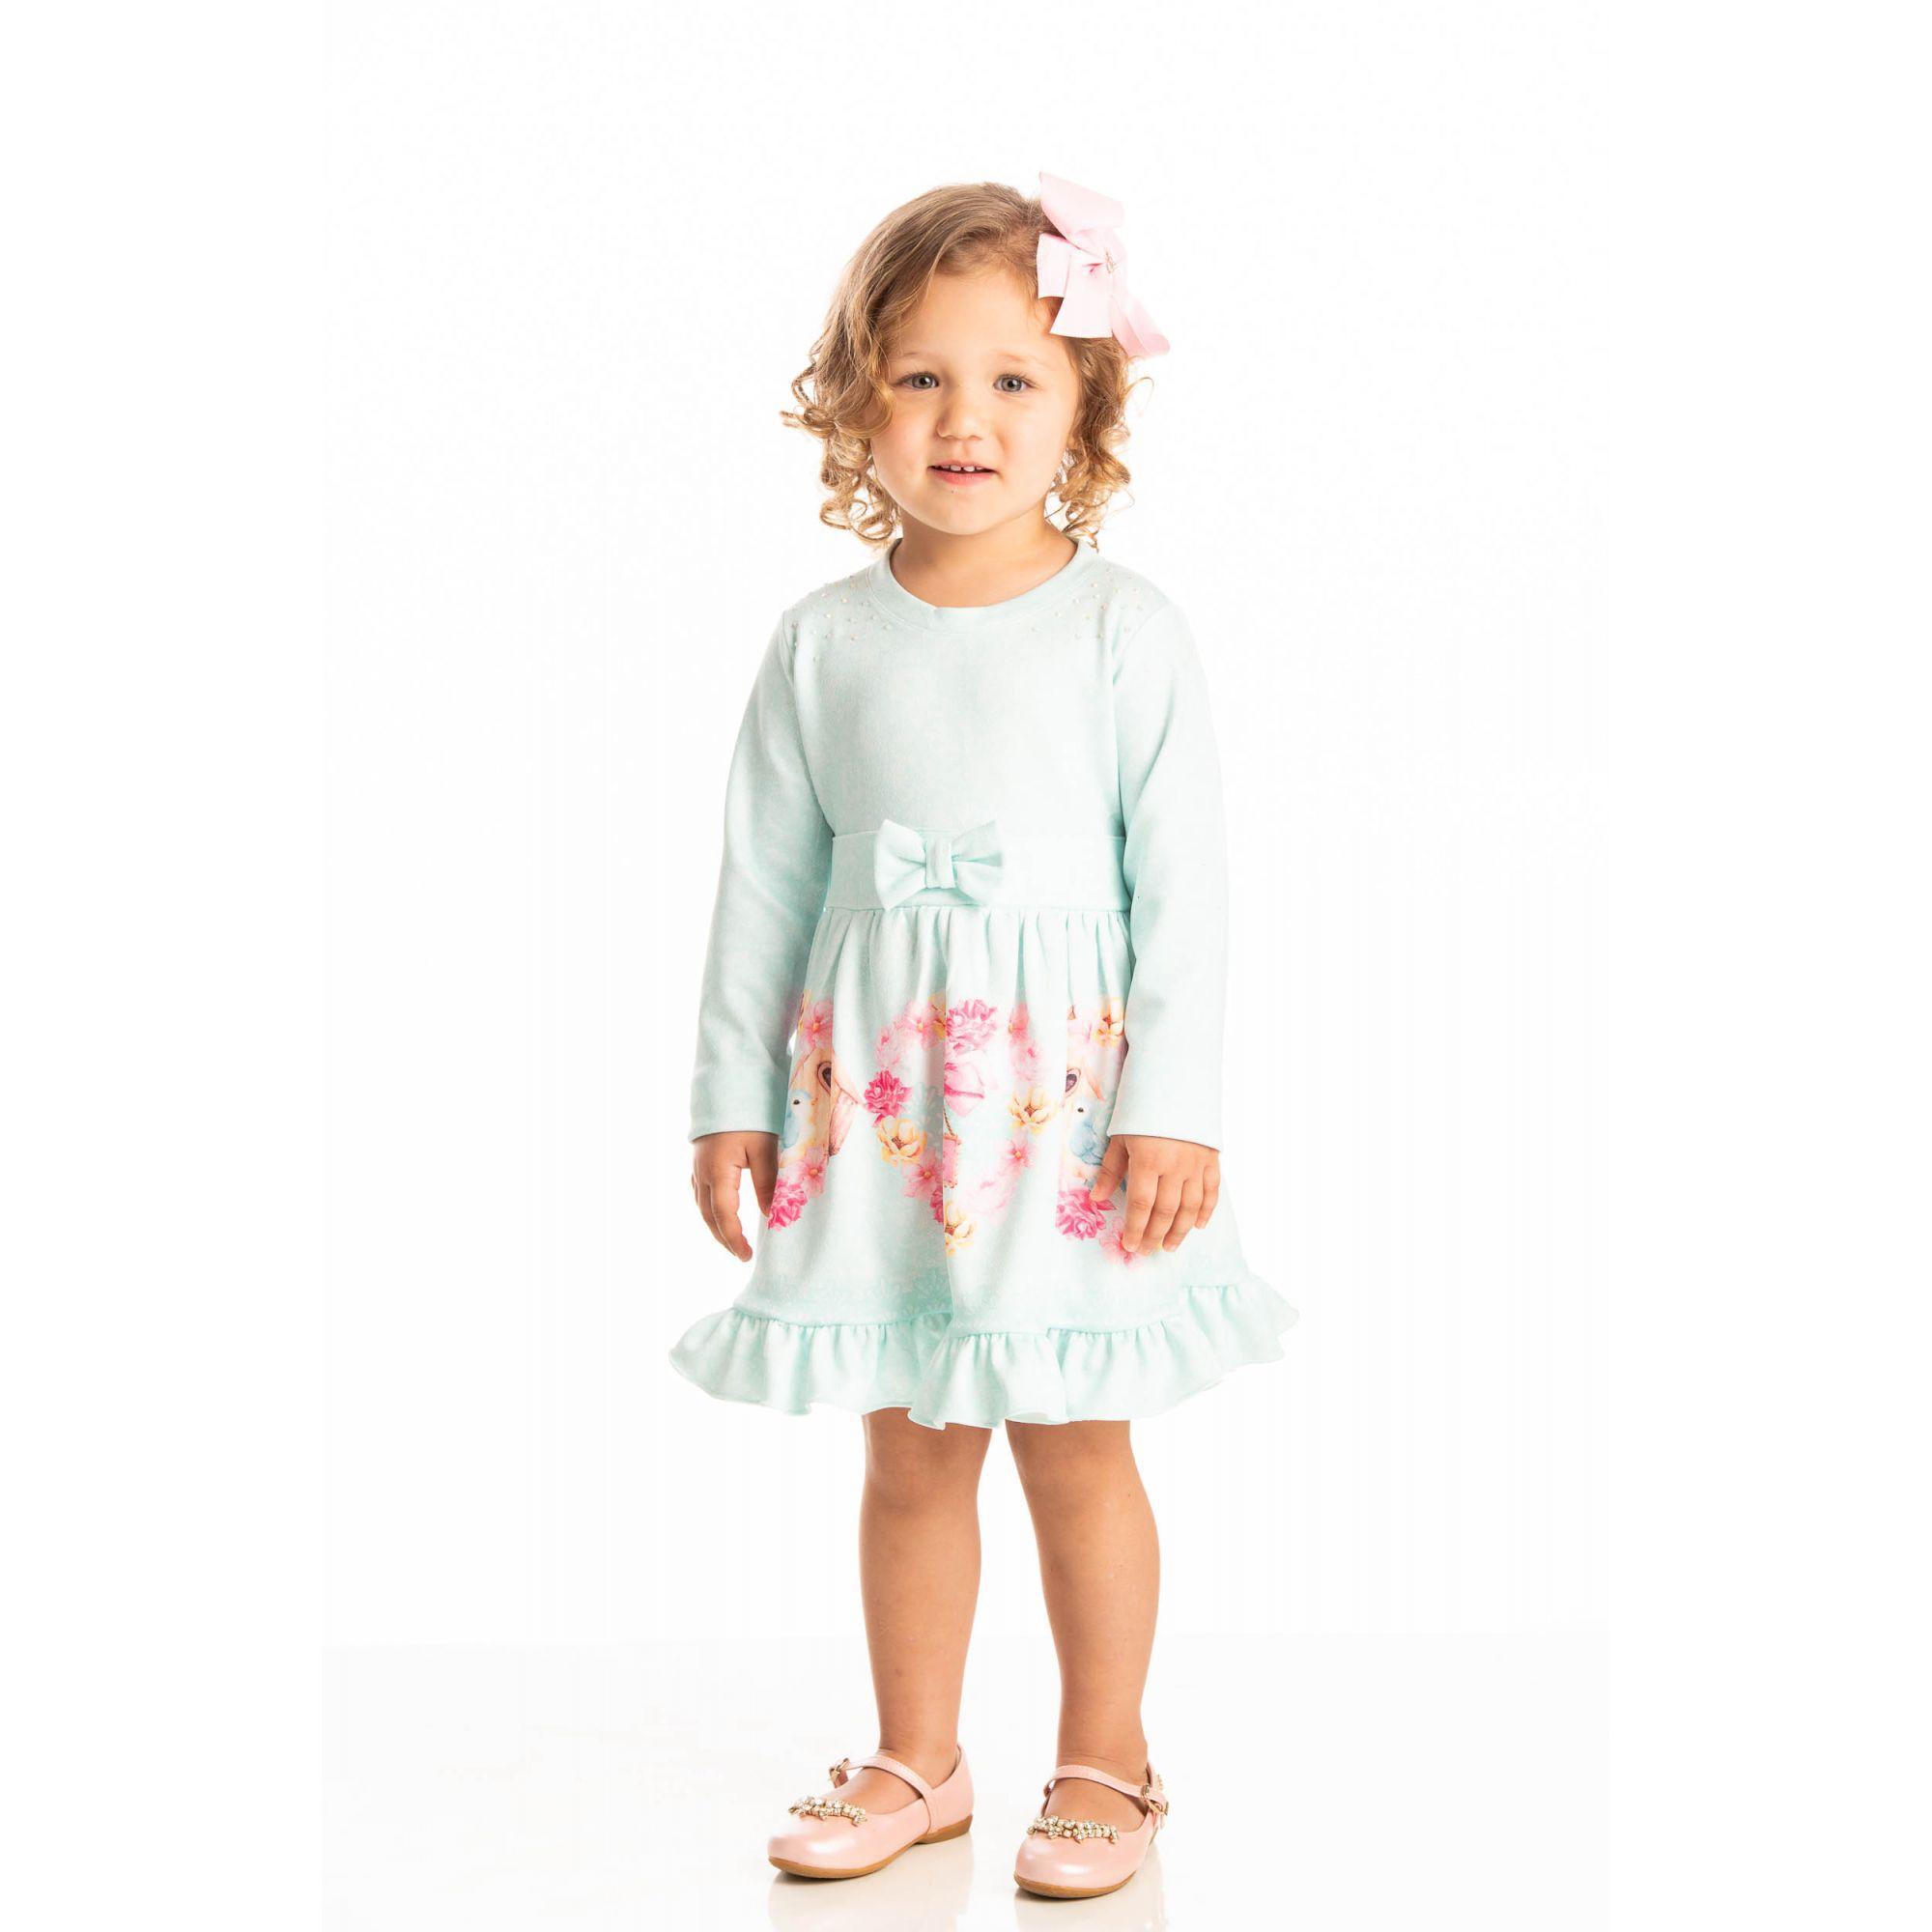 Vestido Infantil Inverno Detalhe Floral - Quebra Cabeça